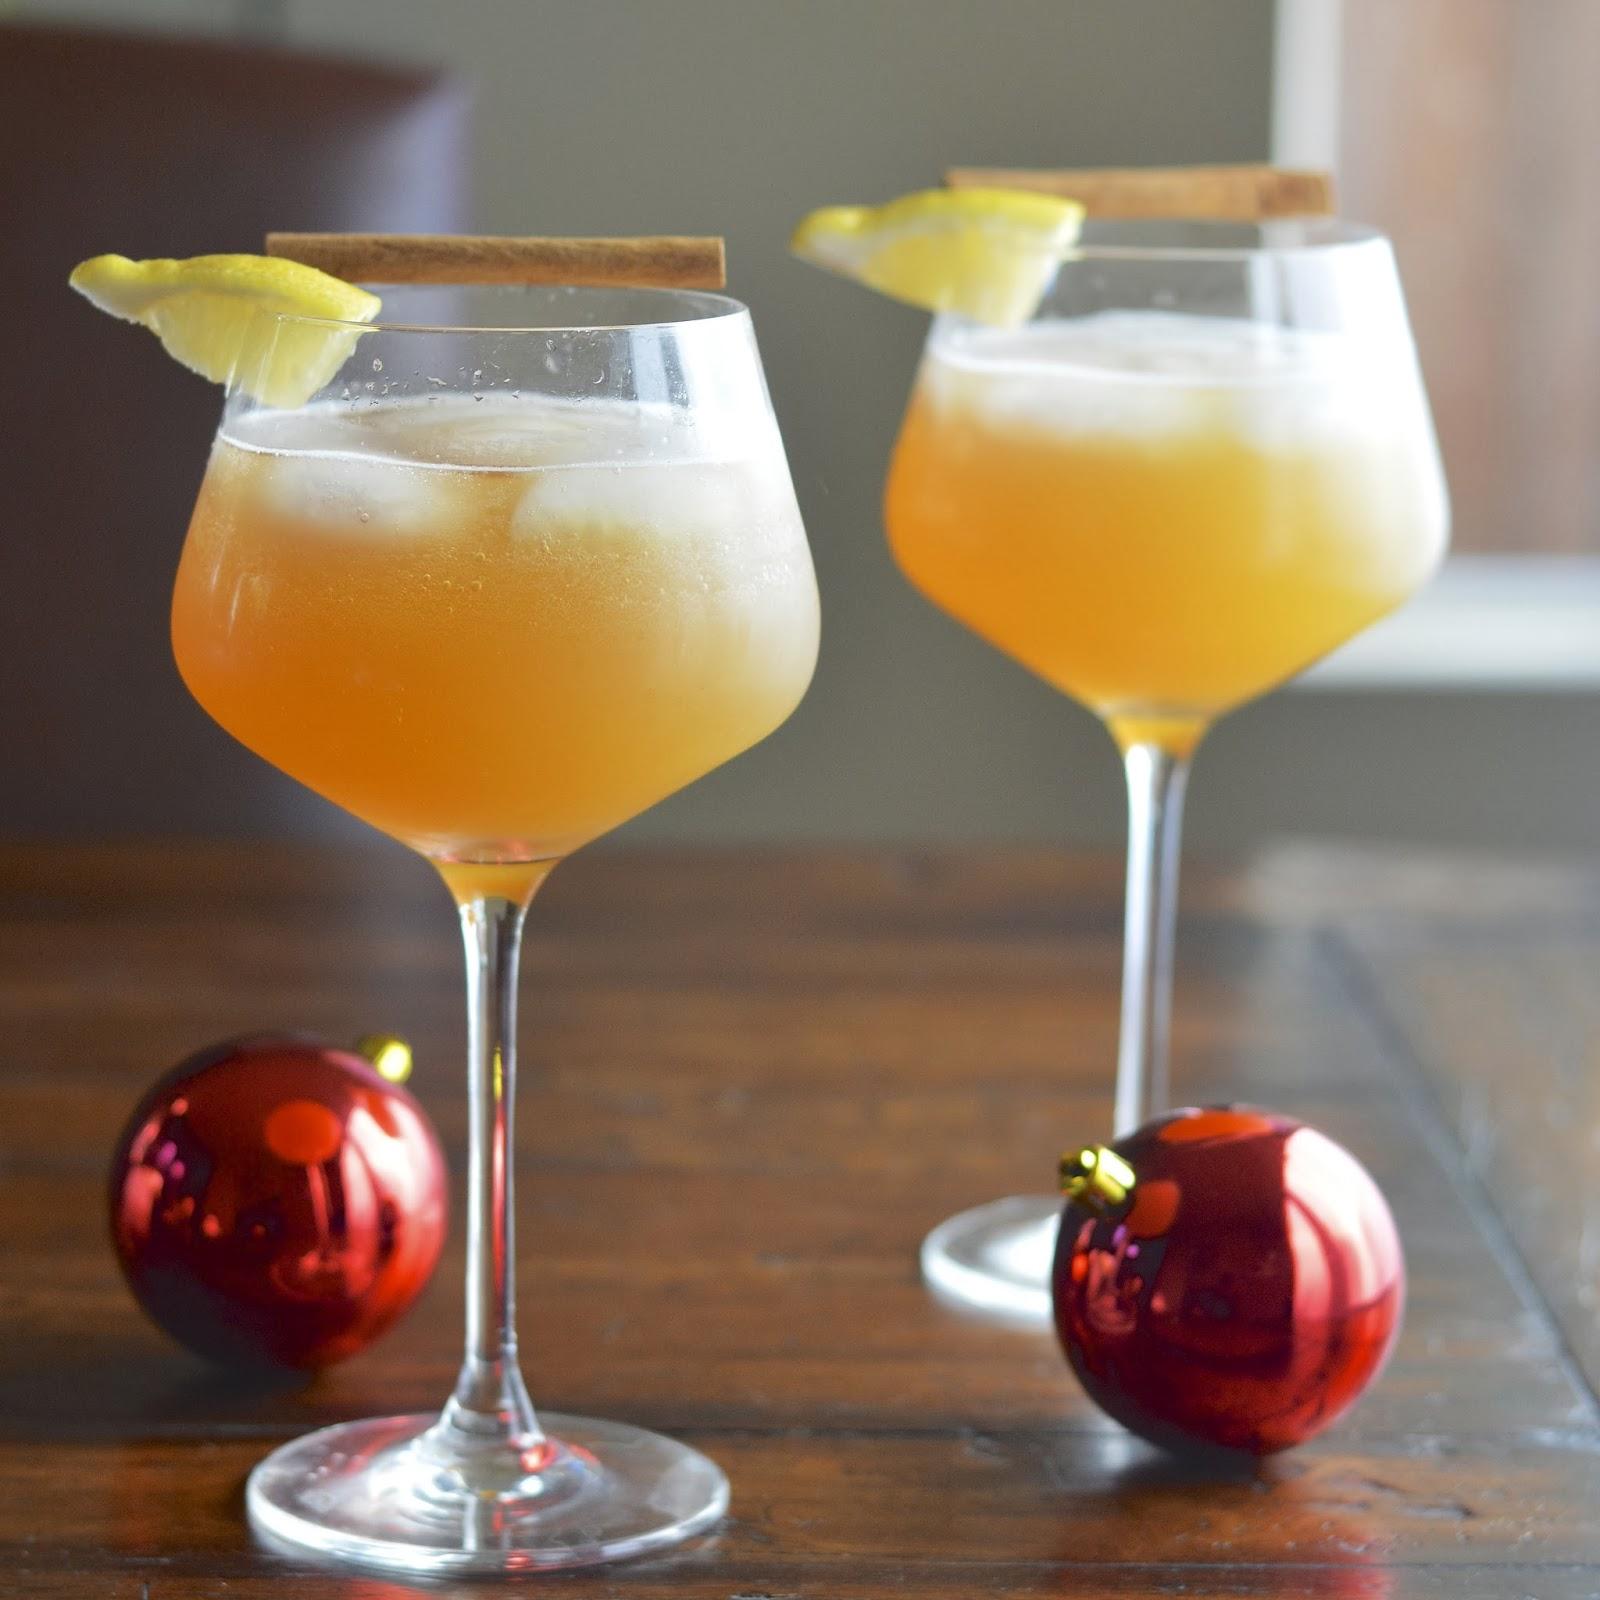 cinnamon c rum ble apple pie apple cinnamon strudel apple cinnamon ...